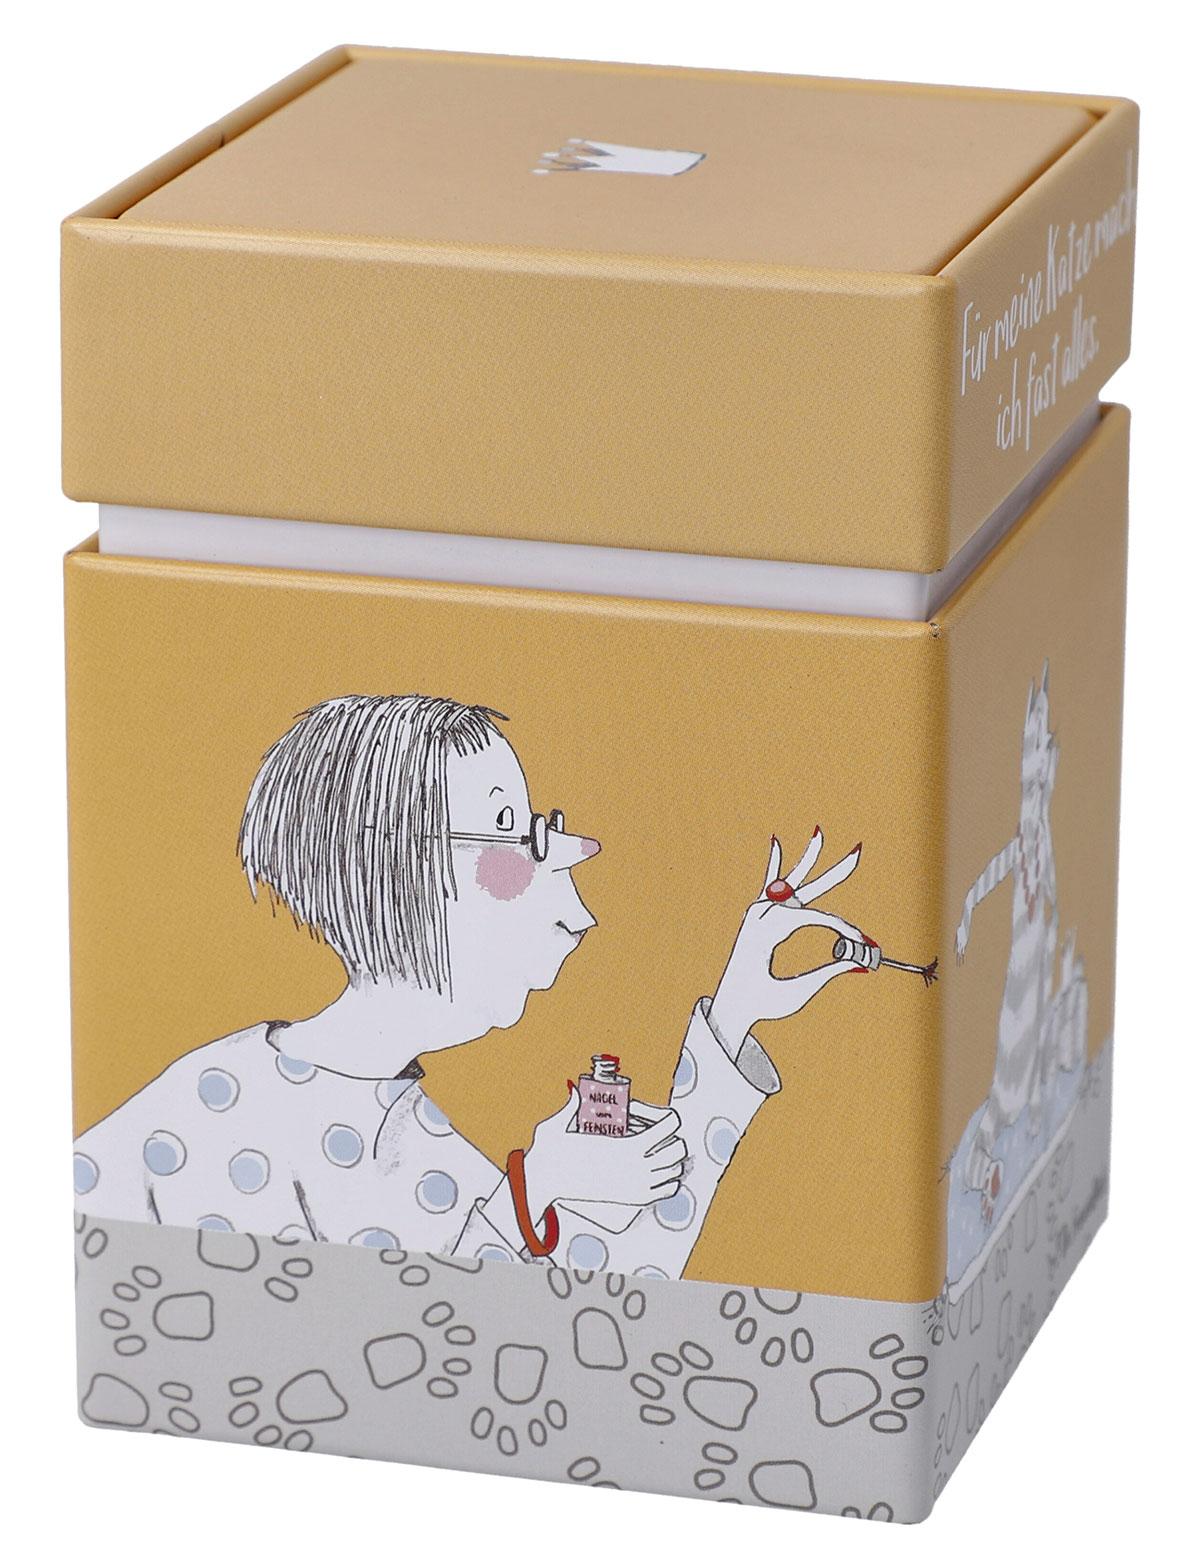 Als Mitbringsel oder einfach nur um einem lieben Menschen Danke zu sagen, eignen sich hervorragend kleine, schöne Dinge, die im alltäglichen Gebrauch Verwendung finden. Die Dose eignet sich auch hervorragend zur Aufbewahrung von Tee!